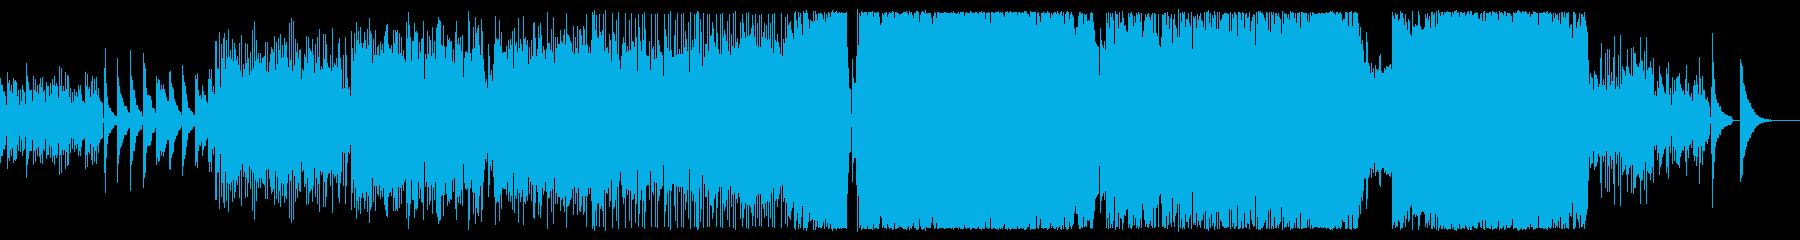 癒しアコギから始まる3拍子ロックバラードの再生済みの波形